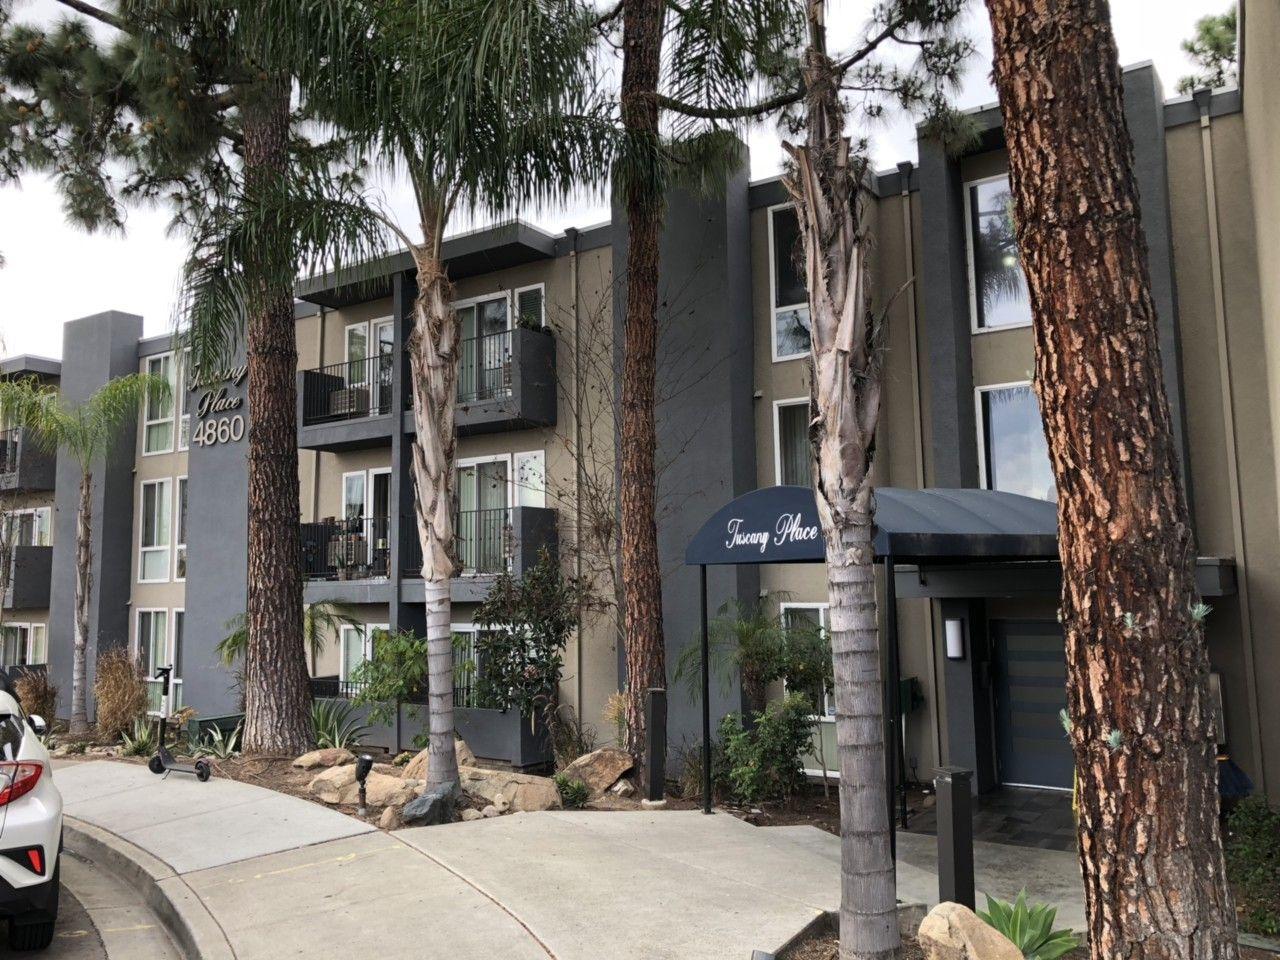 4860 Rolando Blvd, San Diego, CA 92115 1 Bedroom Apartment ...